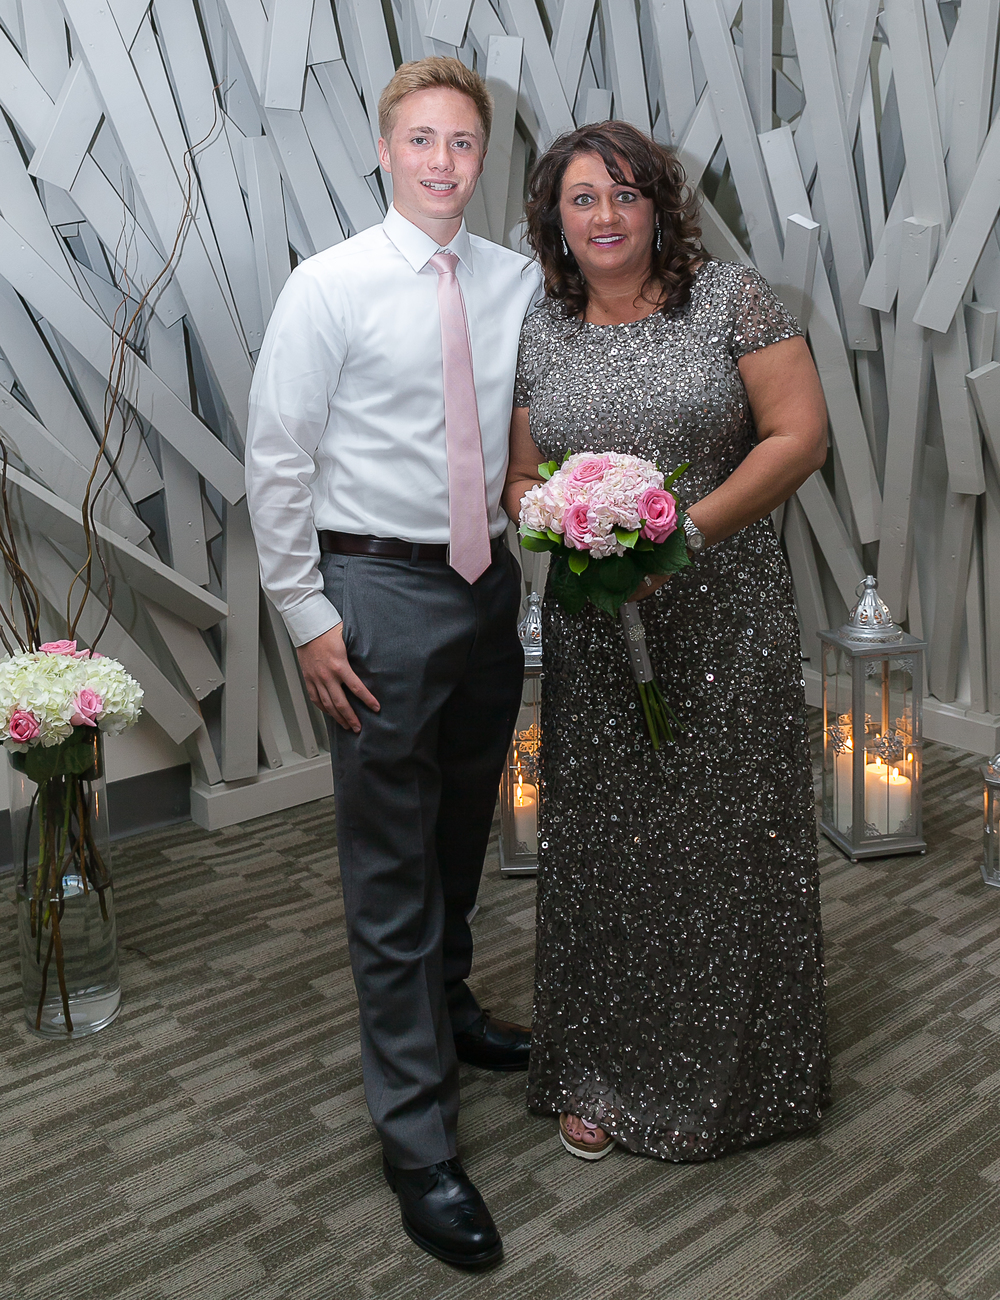 Dave + Tiffany Wedding Ceremony Family (53 of 66).jpg